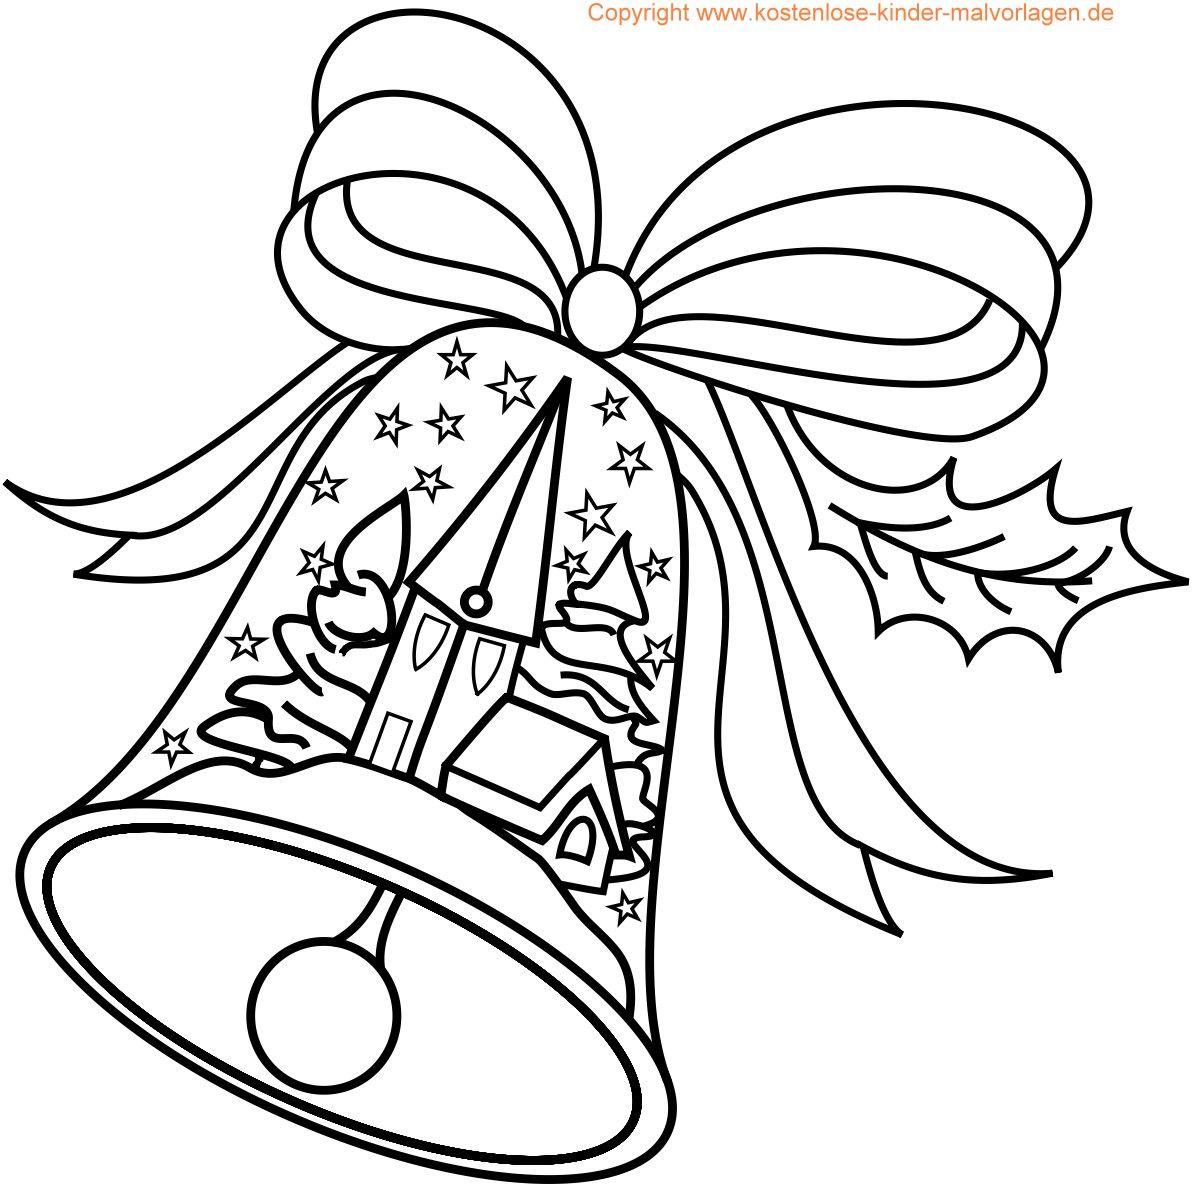 weihnachtsbilder vorlagen kostenlos ausdrucken frohe weihnachten in europa. Black Bedroom Furniture Sets. Home Design Ideas